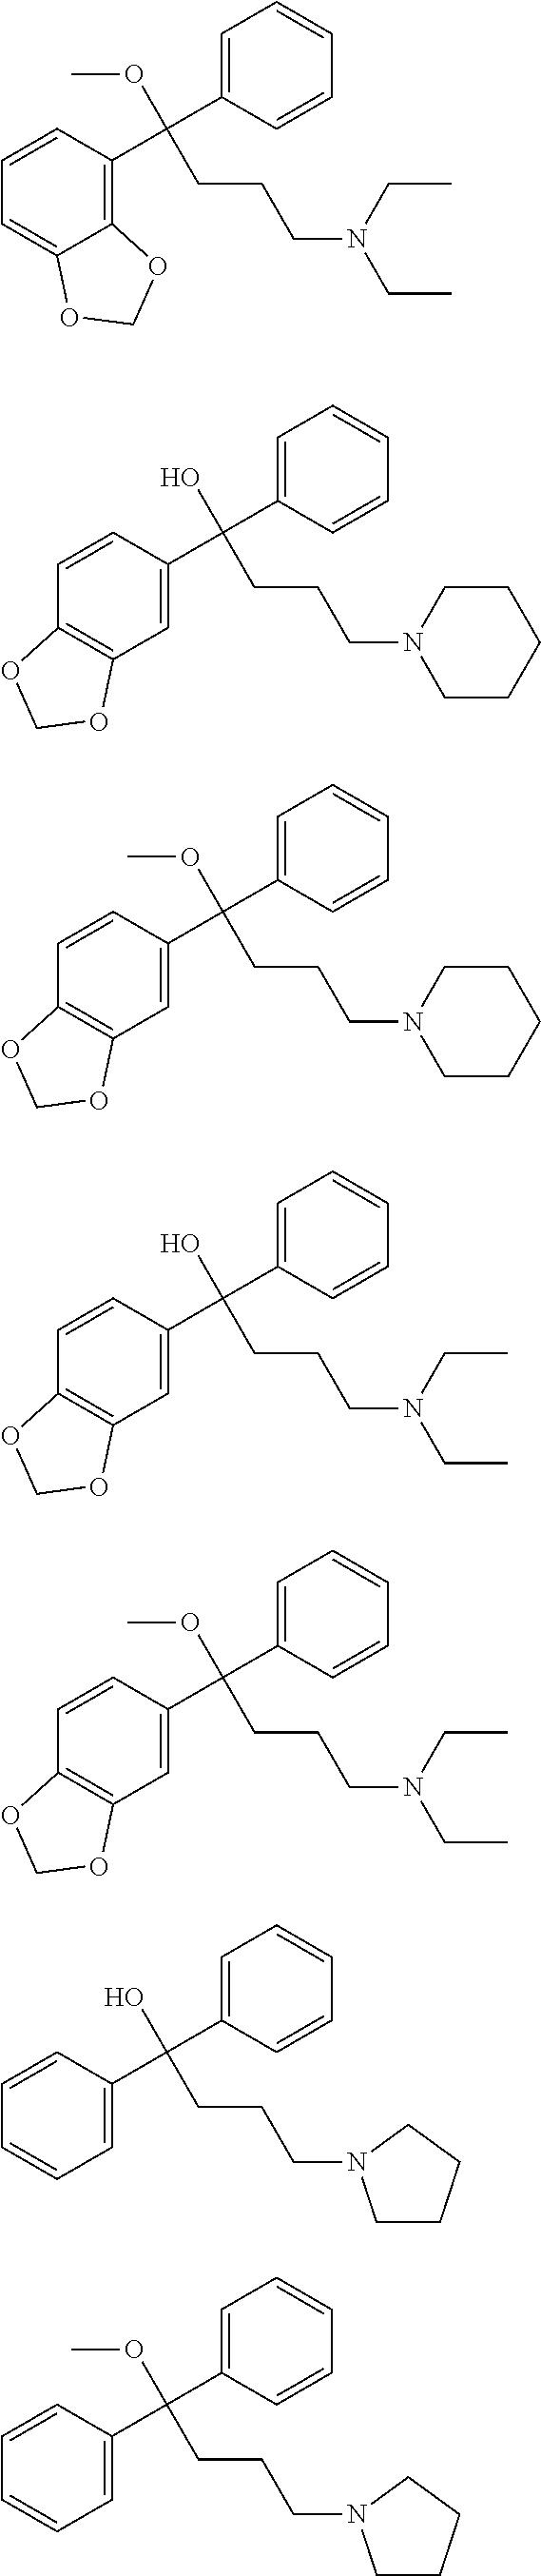 Figure US09962344-20180508-C00104